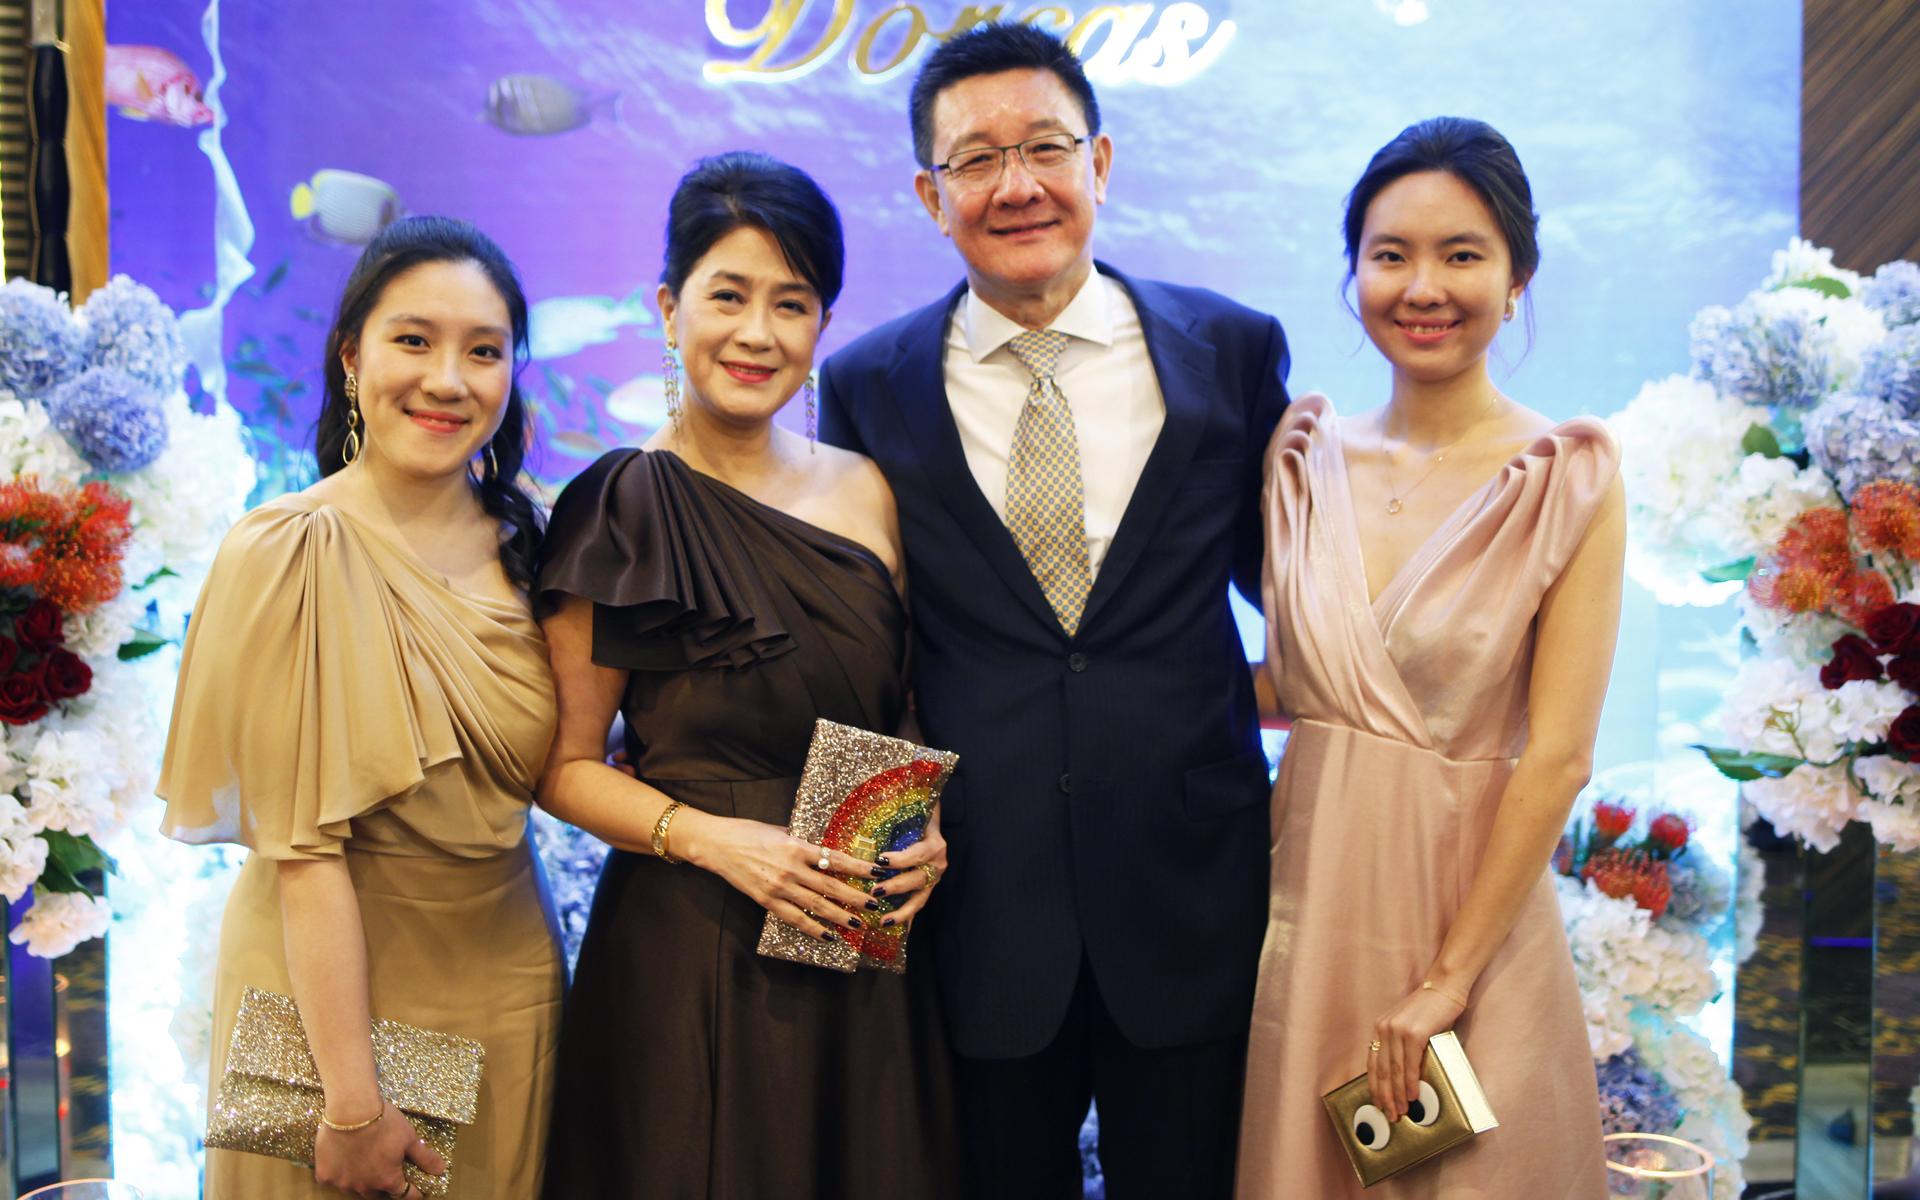 Teh Wen Li, Soo Shea Pin, Terrence Teh and Teh Wen Fei